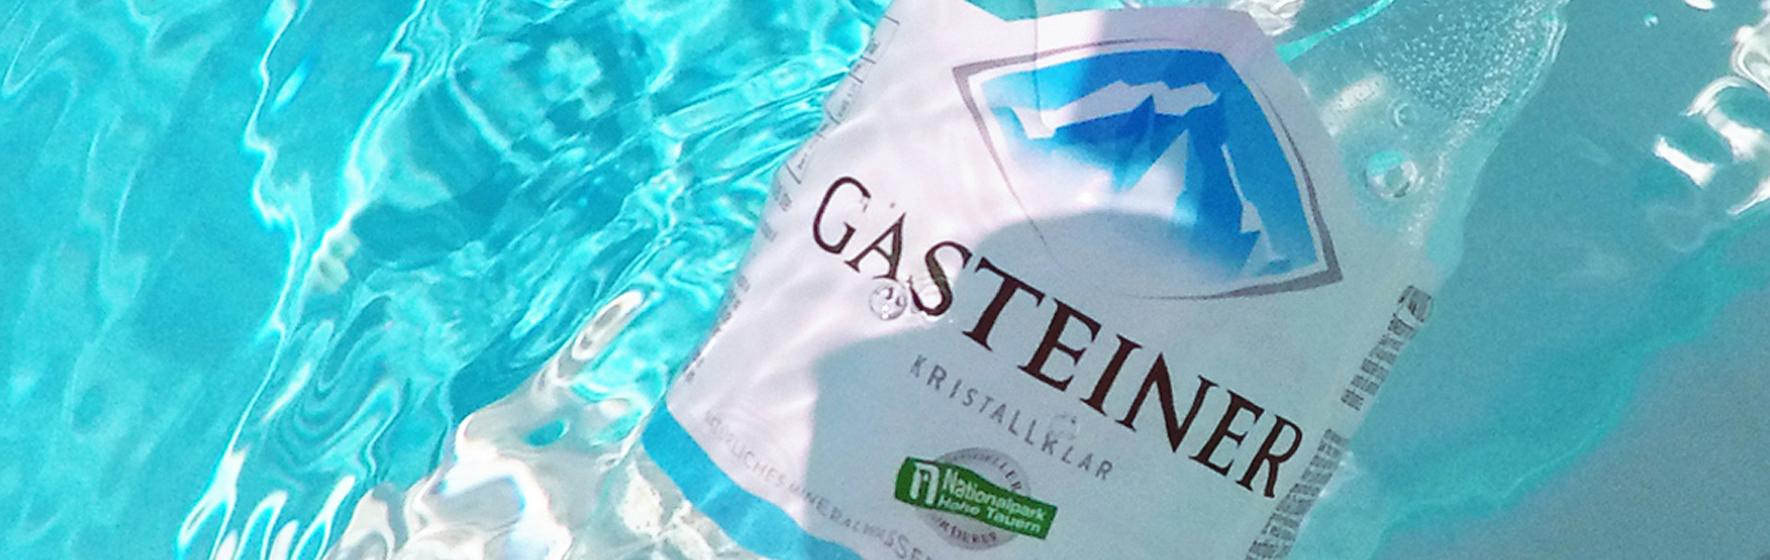 Gasteiner Flasche im Pool